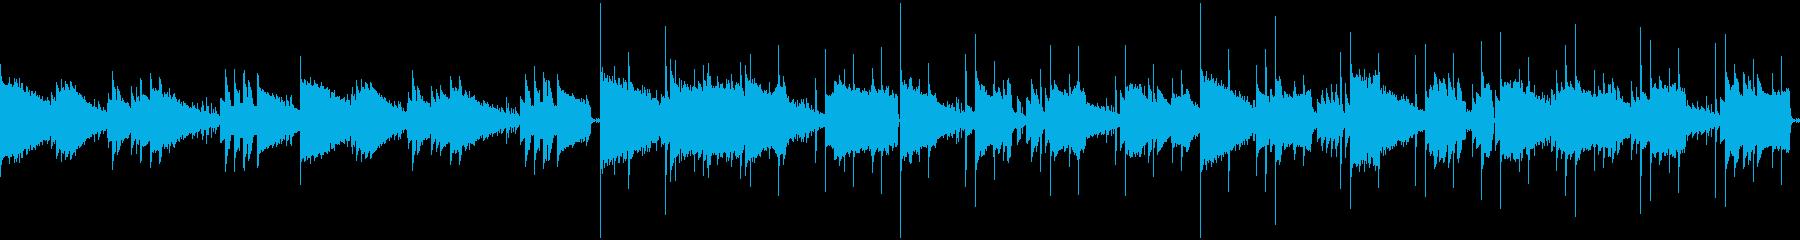 サウンドノベル風 ジャズ エレピ ベースの再生済みの波形